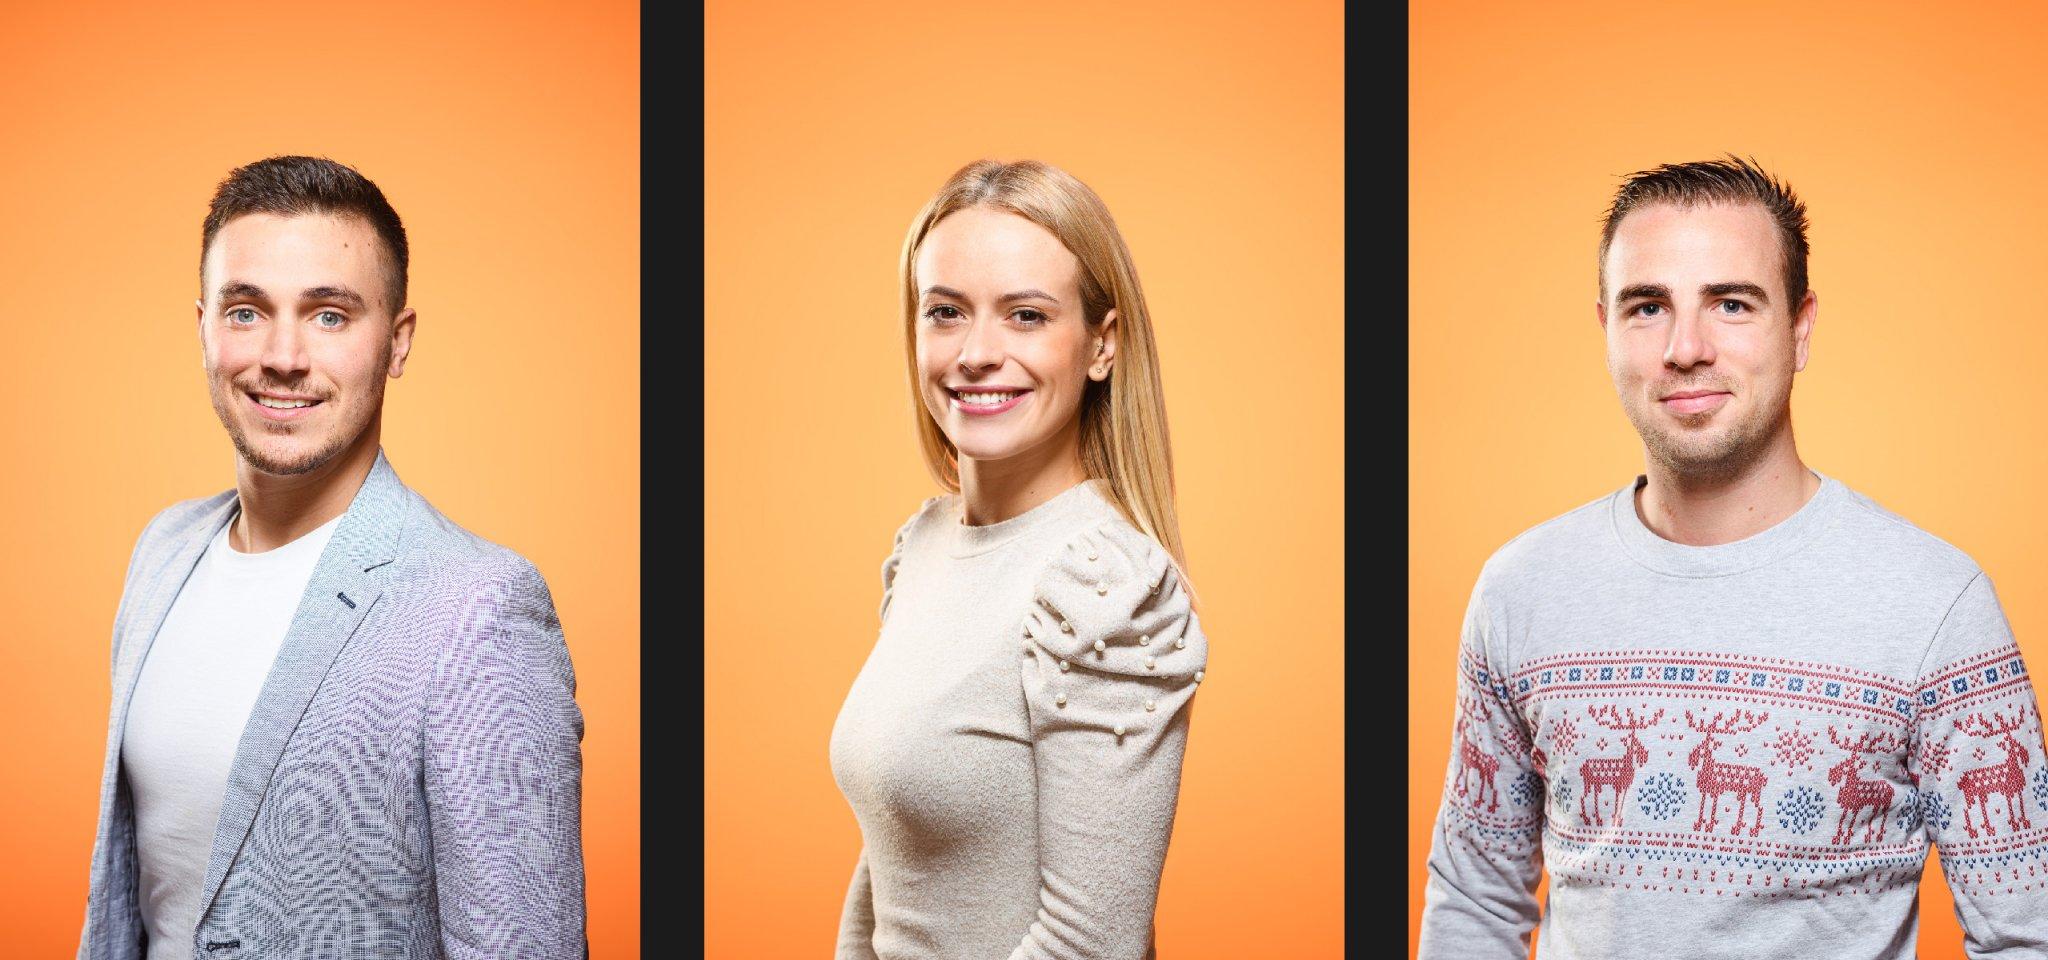 Aurélien-AUDY-Photographe-Lyon---portrait-studio-team-groupe-startup-professionnels